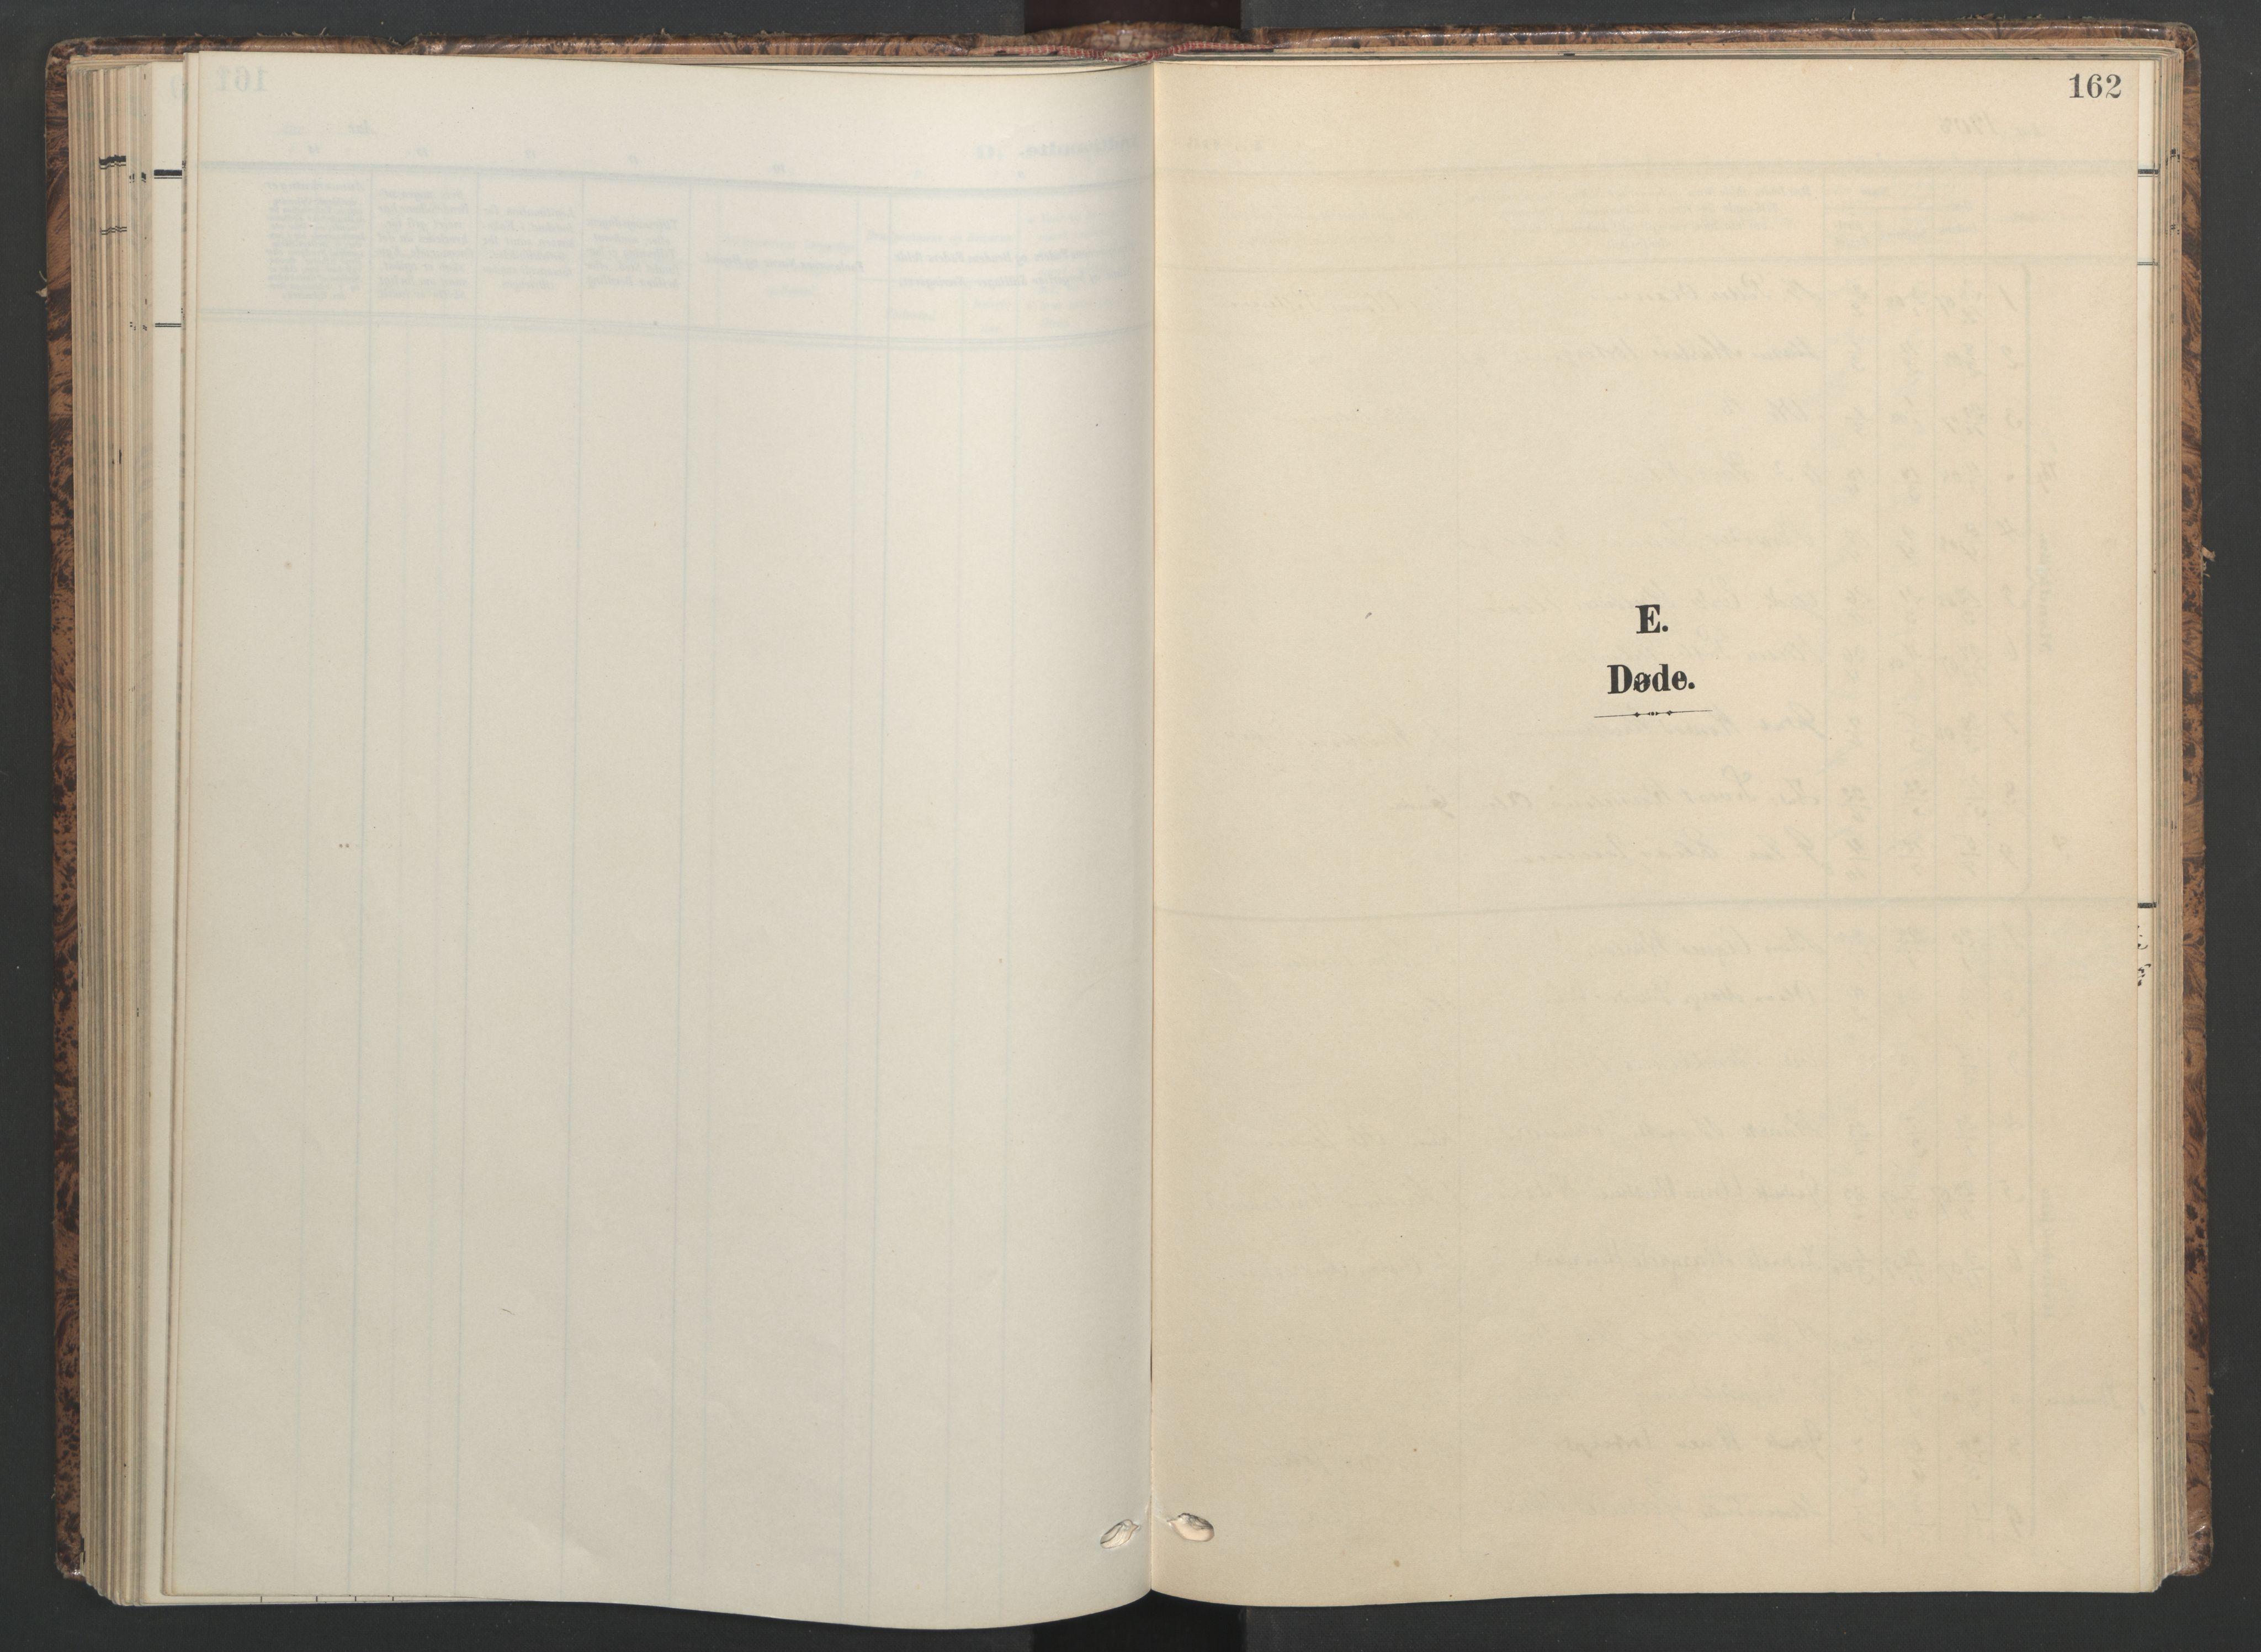 SAT, Ministerialprotokoller, klokkerbøker og fødselsregistre - Sør-Trøndelag, 655/L0682: Ministerialbok nr. 655A11, 1908-1922, s. 162